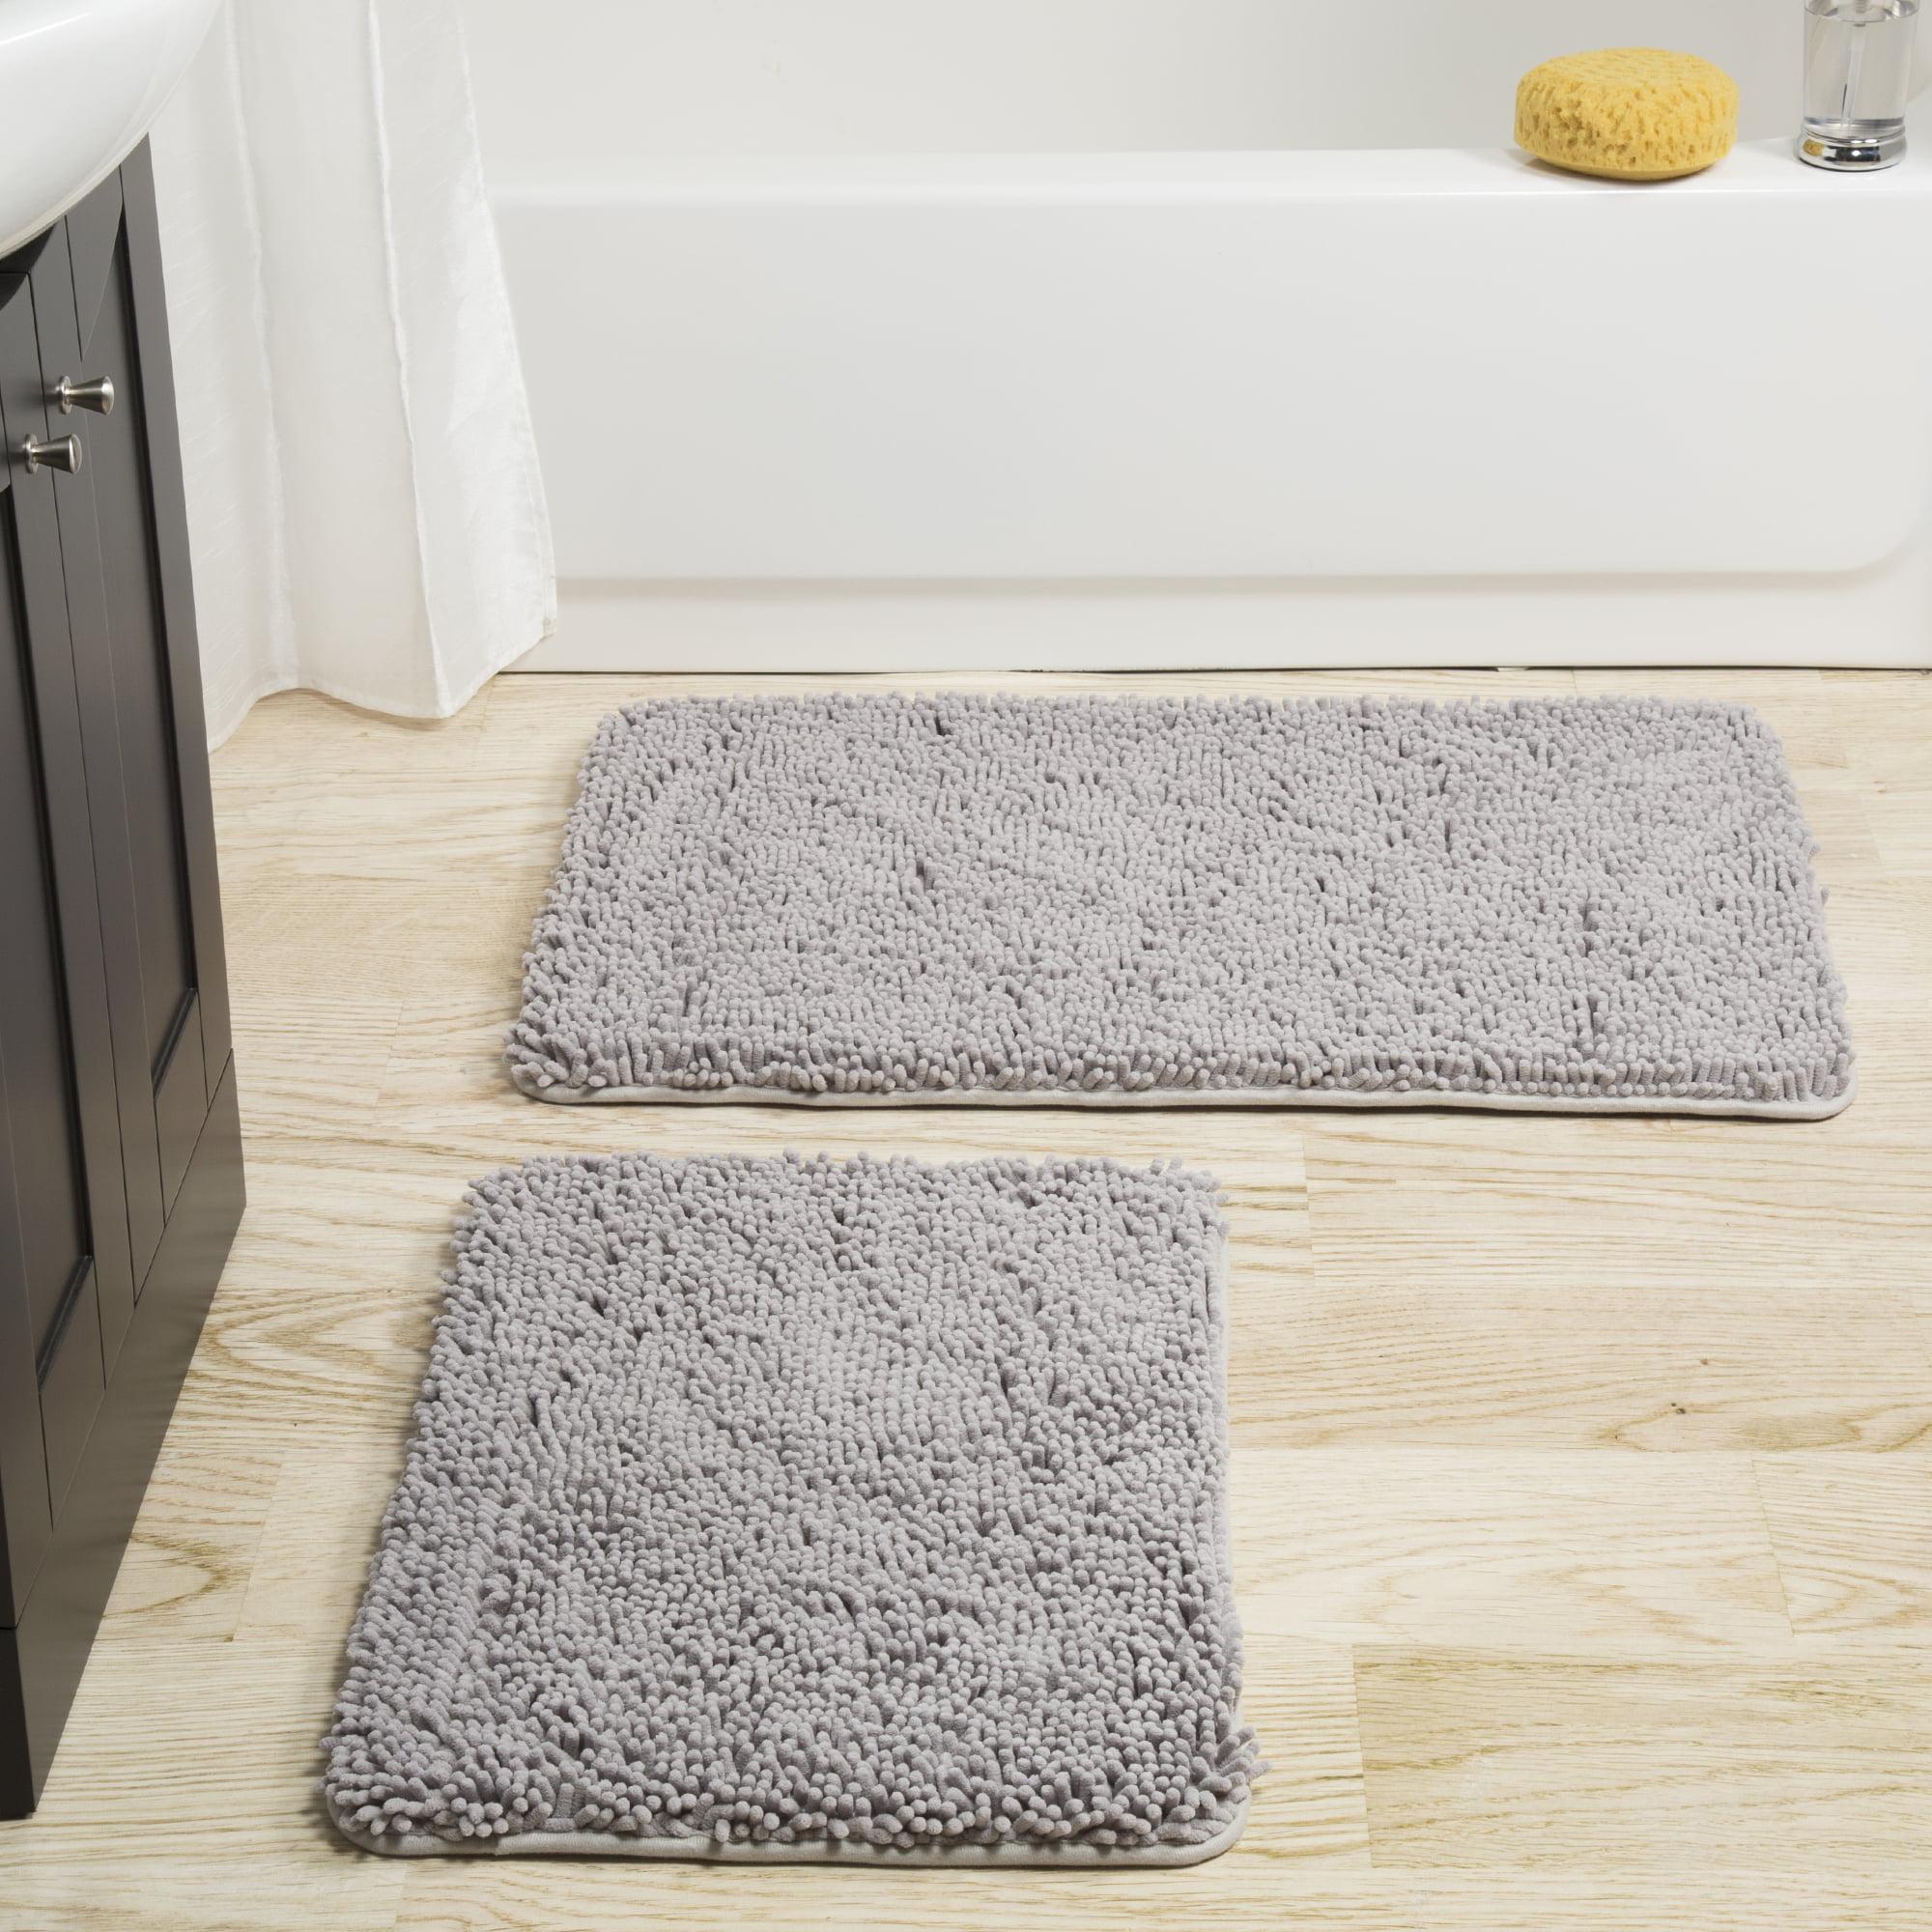 Somerset Home 2 Piece Memory Foam Bath Mat Gray